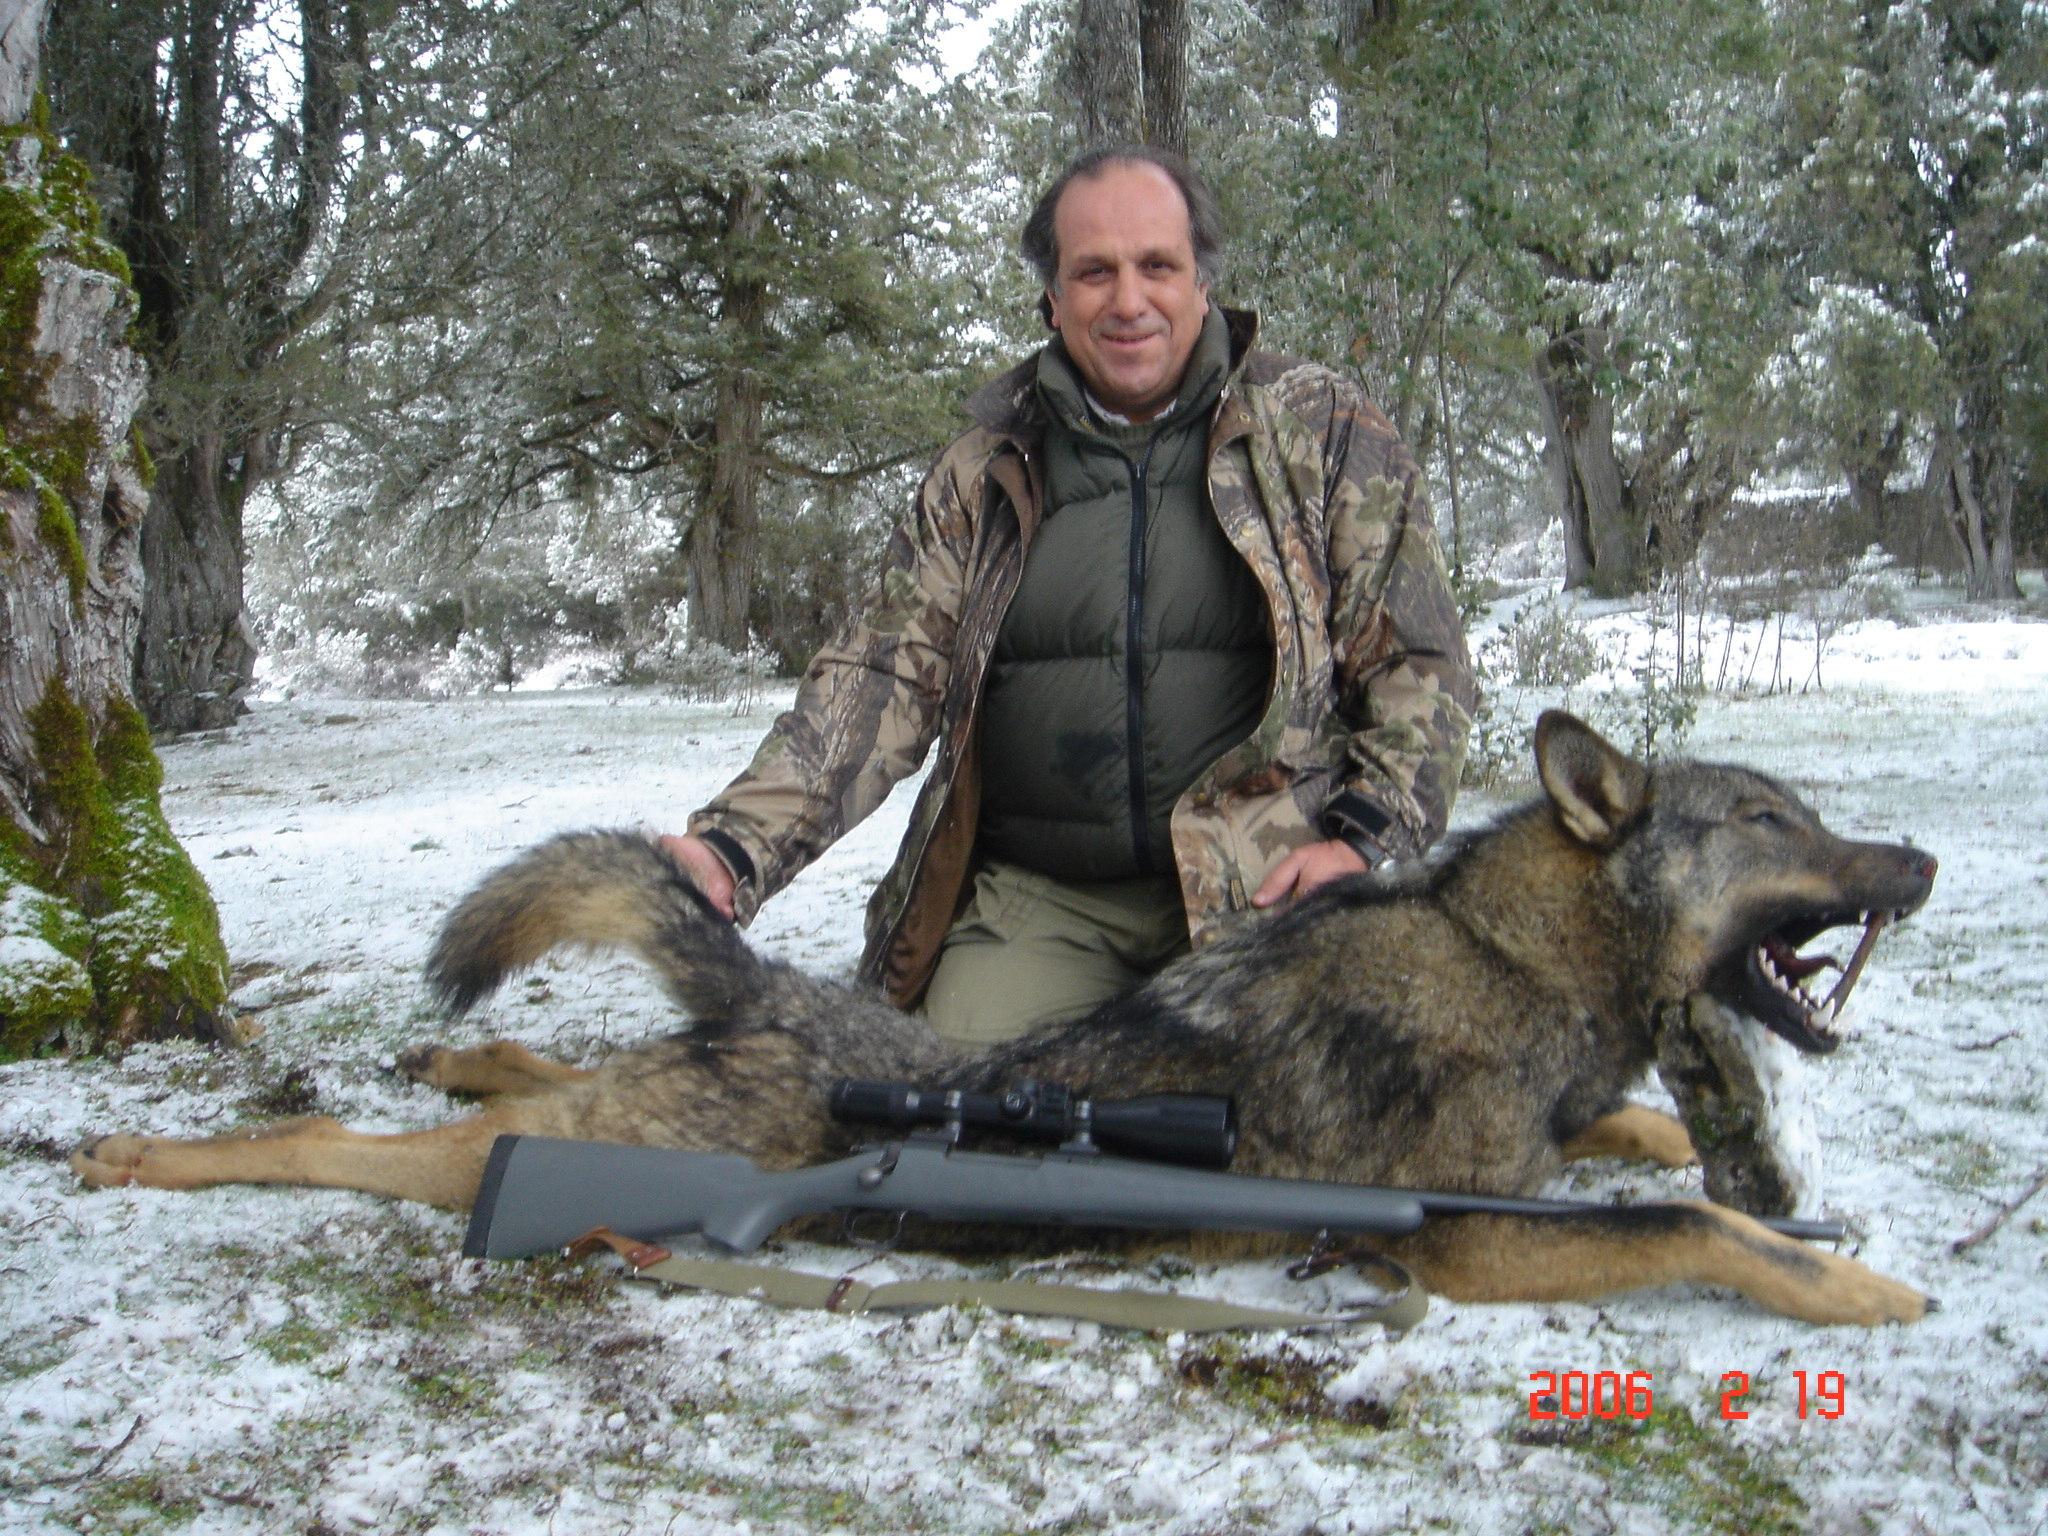 Macedonia lobo y jabali en Batida y espera